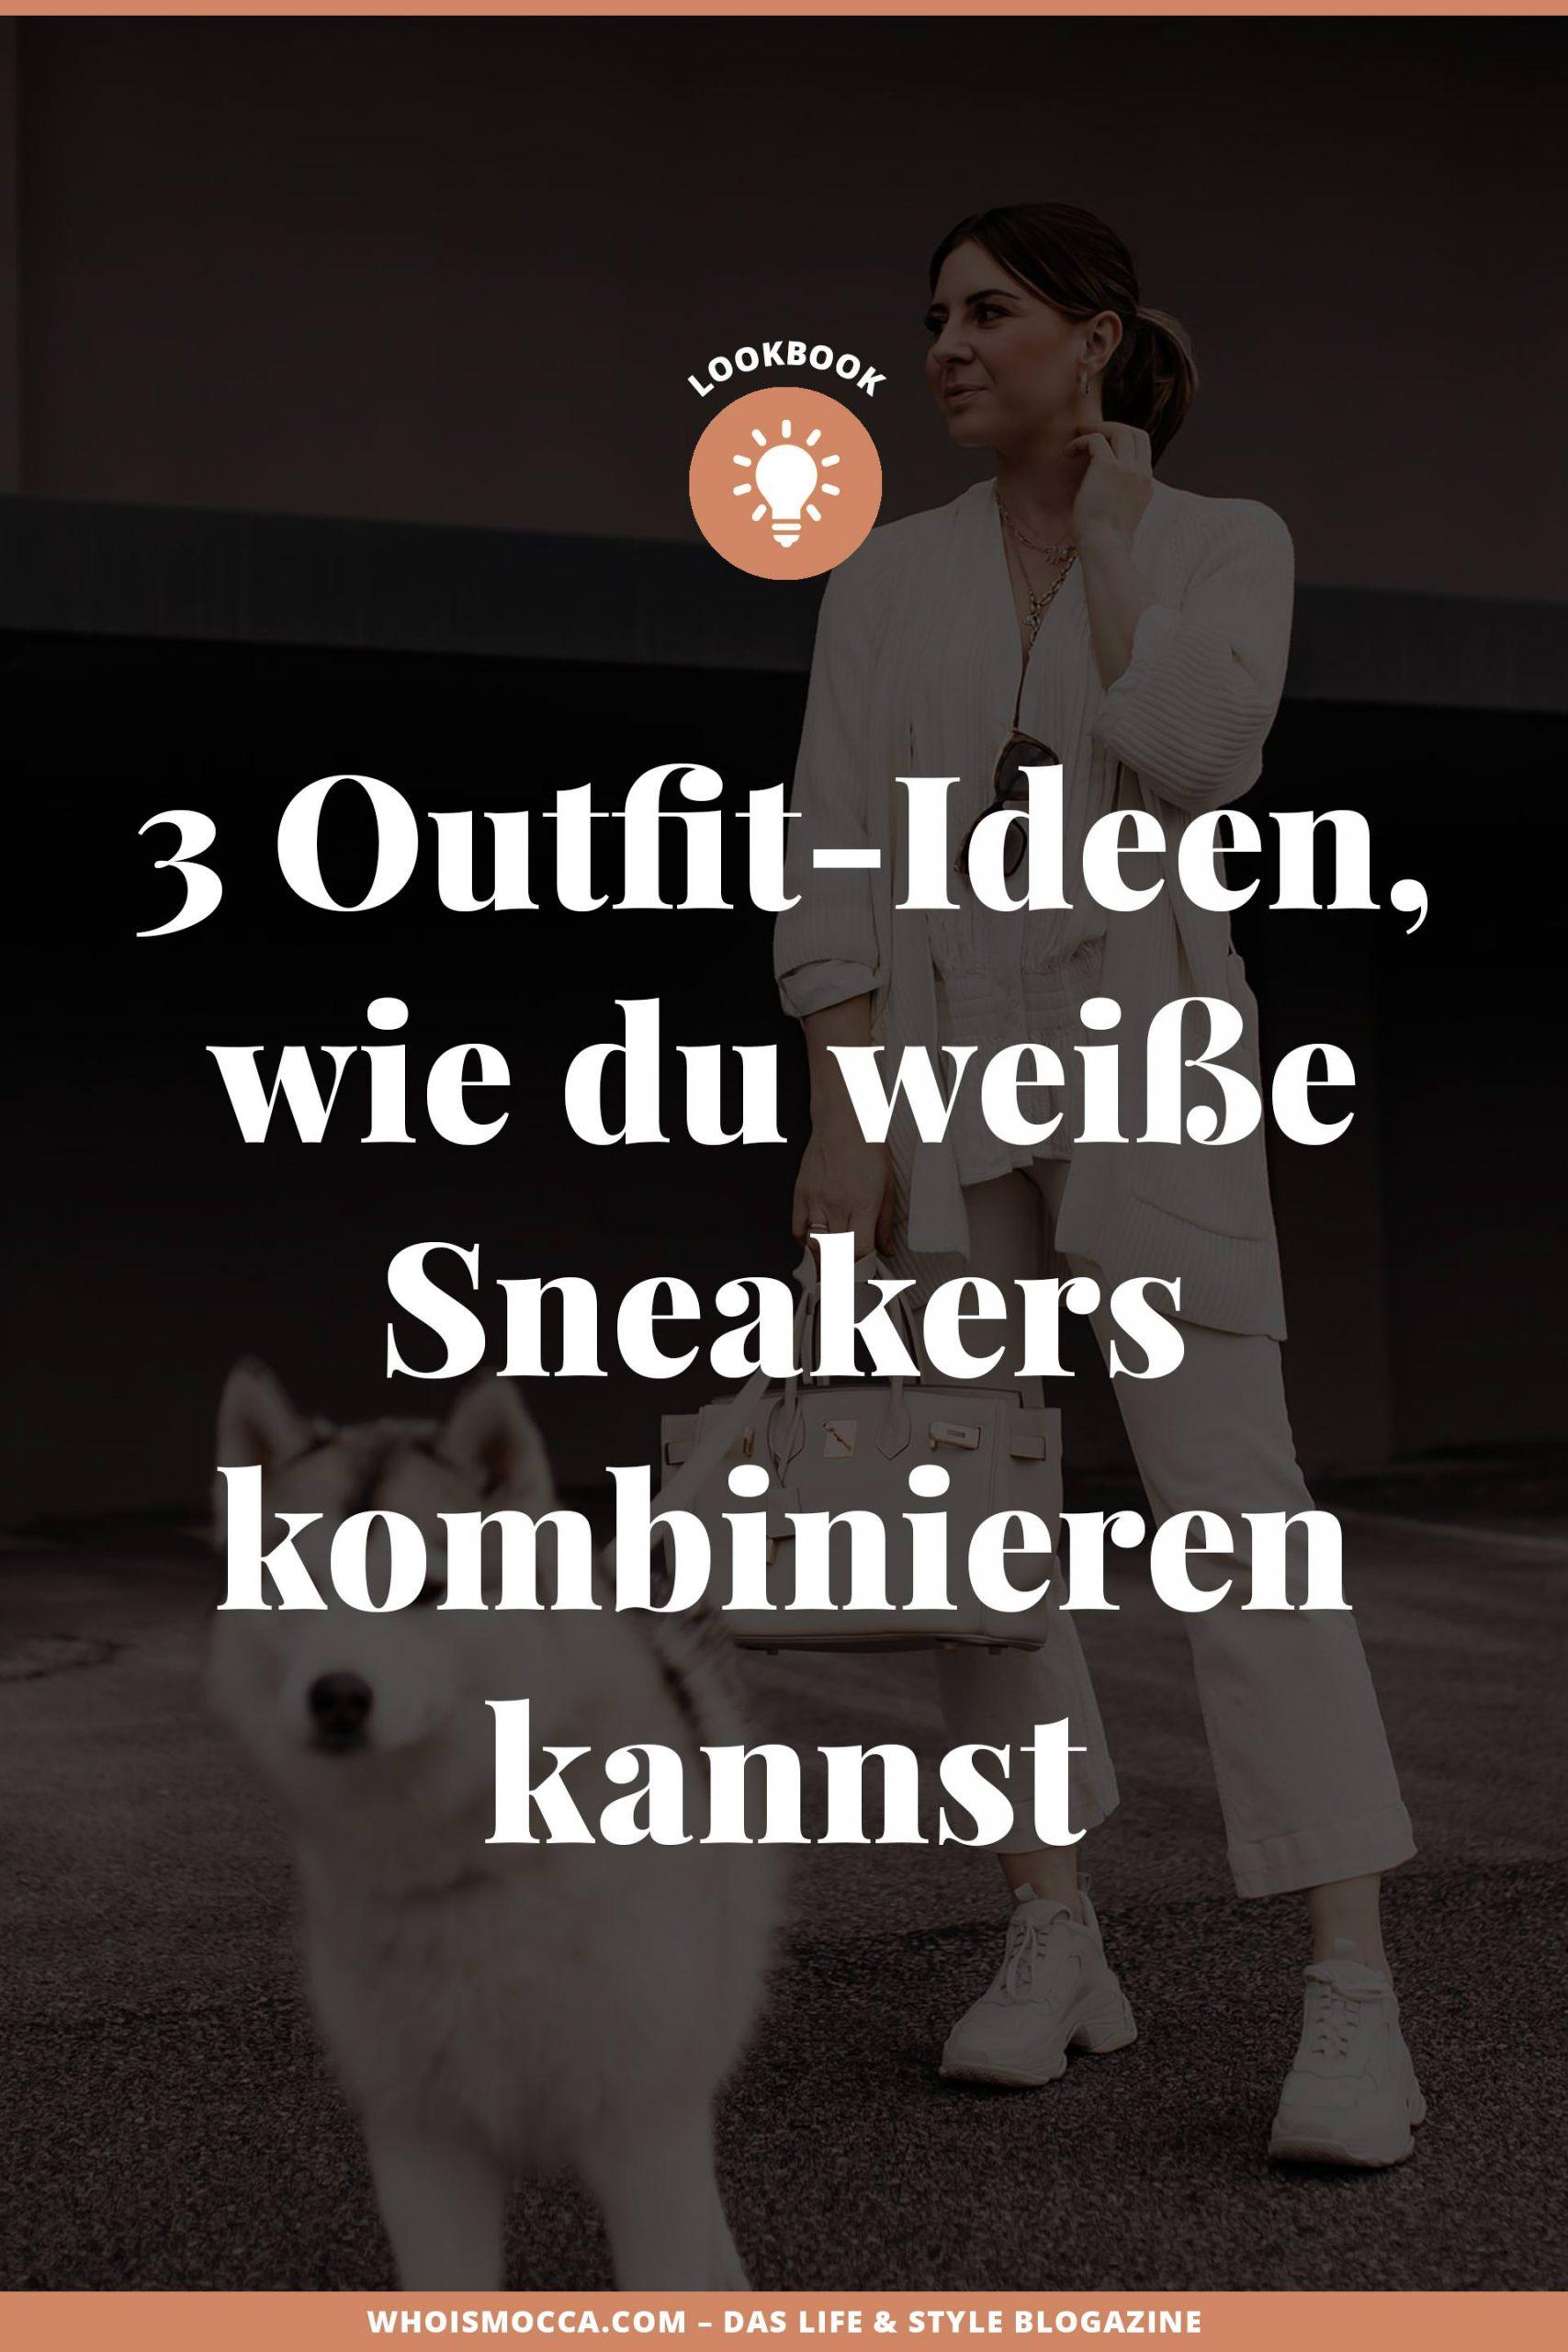 Du möchtest weiße #Sneakers kombinieren und bist auf der Suche nach Outfit-Inspirationen? Dann herzlich willkommen auf meinem #Modeblog, wo ich dir heute ein kleines Sneakers #Lookbook präsentiere. www.whoismocca.com #frühlingsoutfit #modetrends #alltagsoutfit